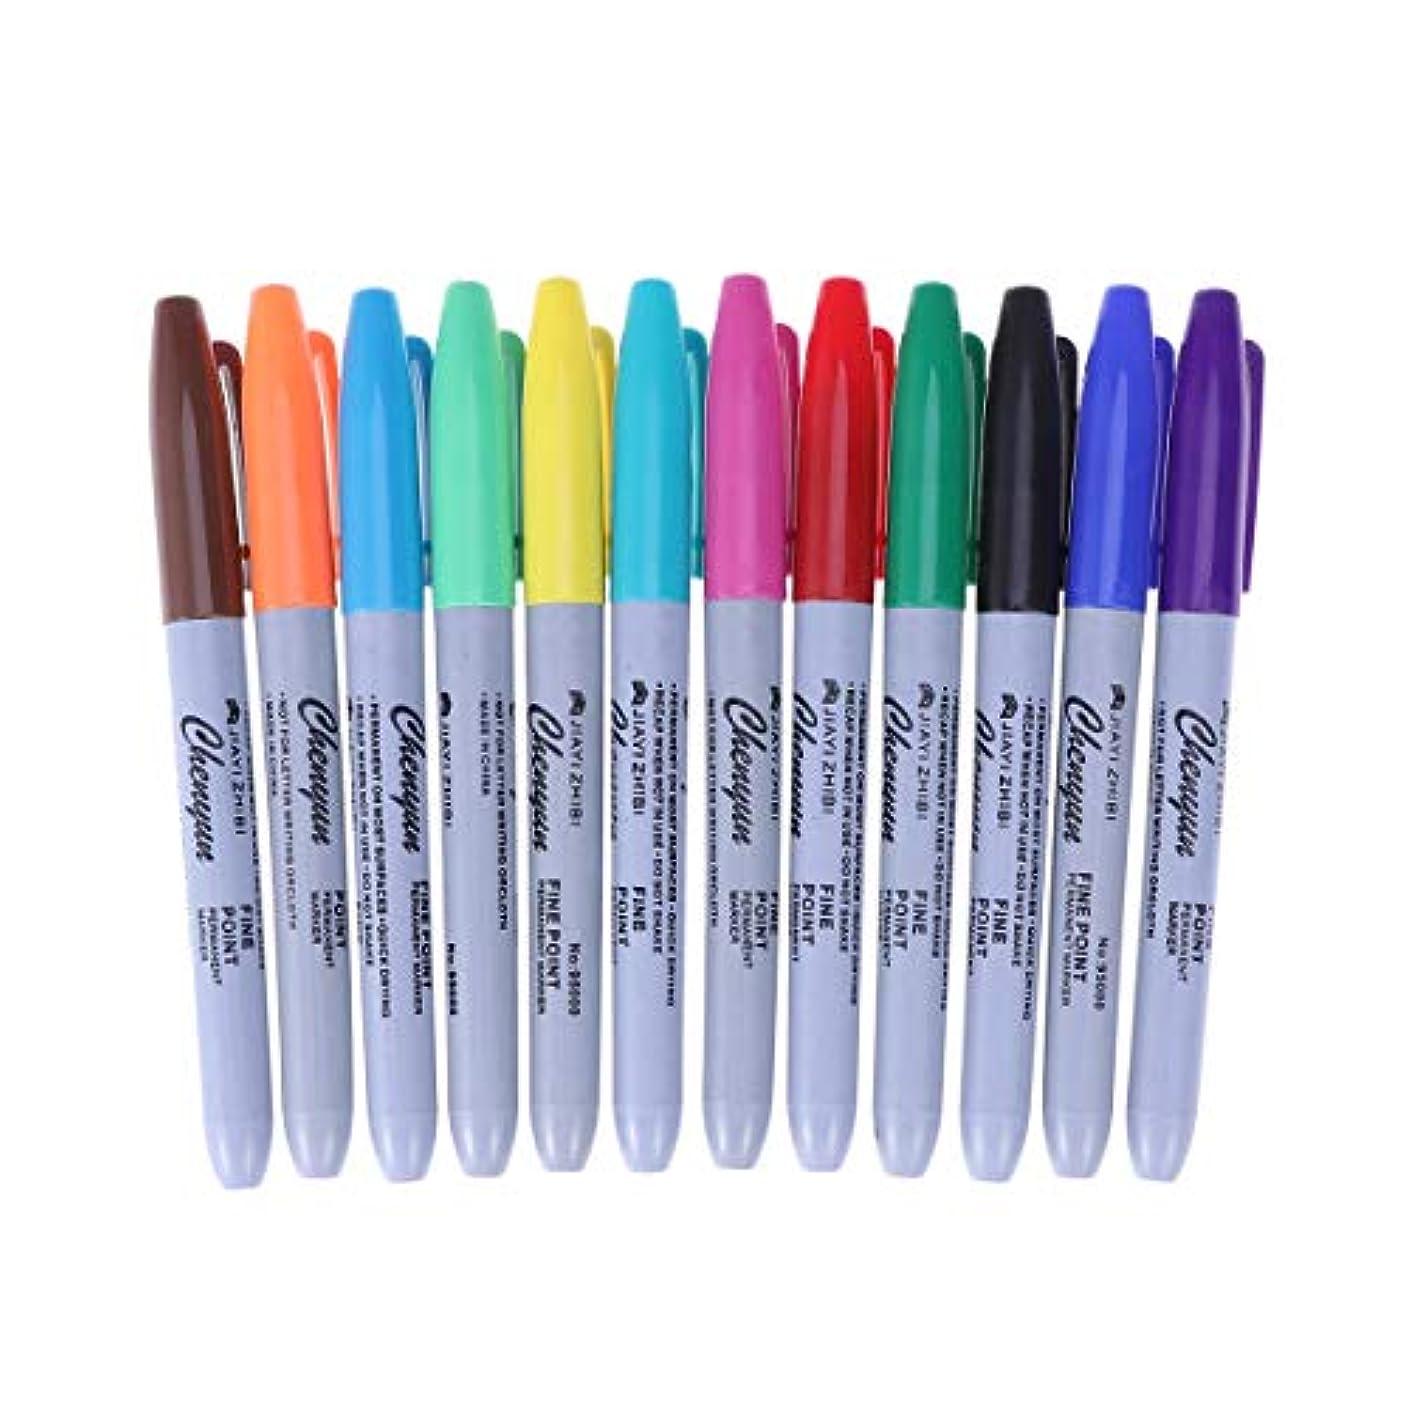 極貧に関して野菜Healifty 12色タトゥーペン防水タトゥースキンマーカーマーキングスクライブペンファインとレッグチップタトゥー用品